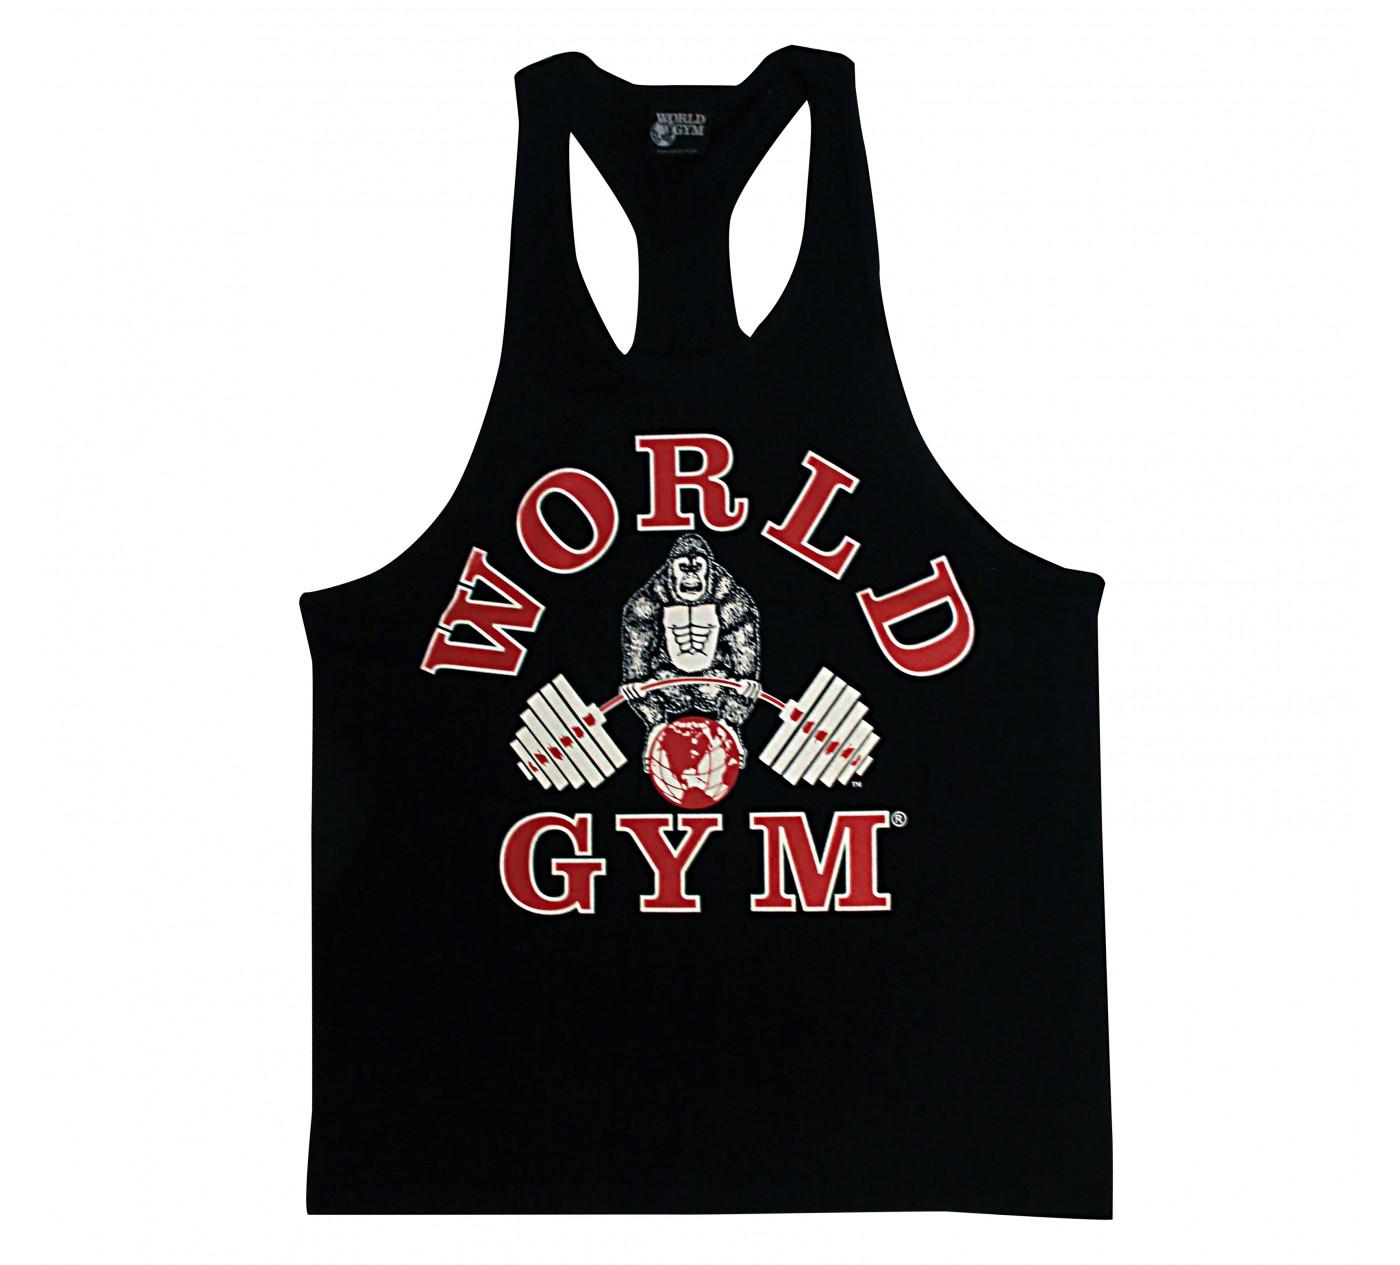 W310 World Gym tanque treino top racerback